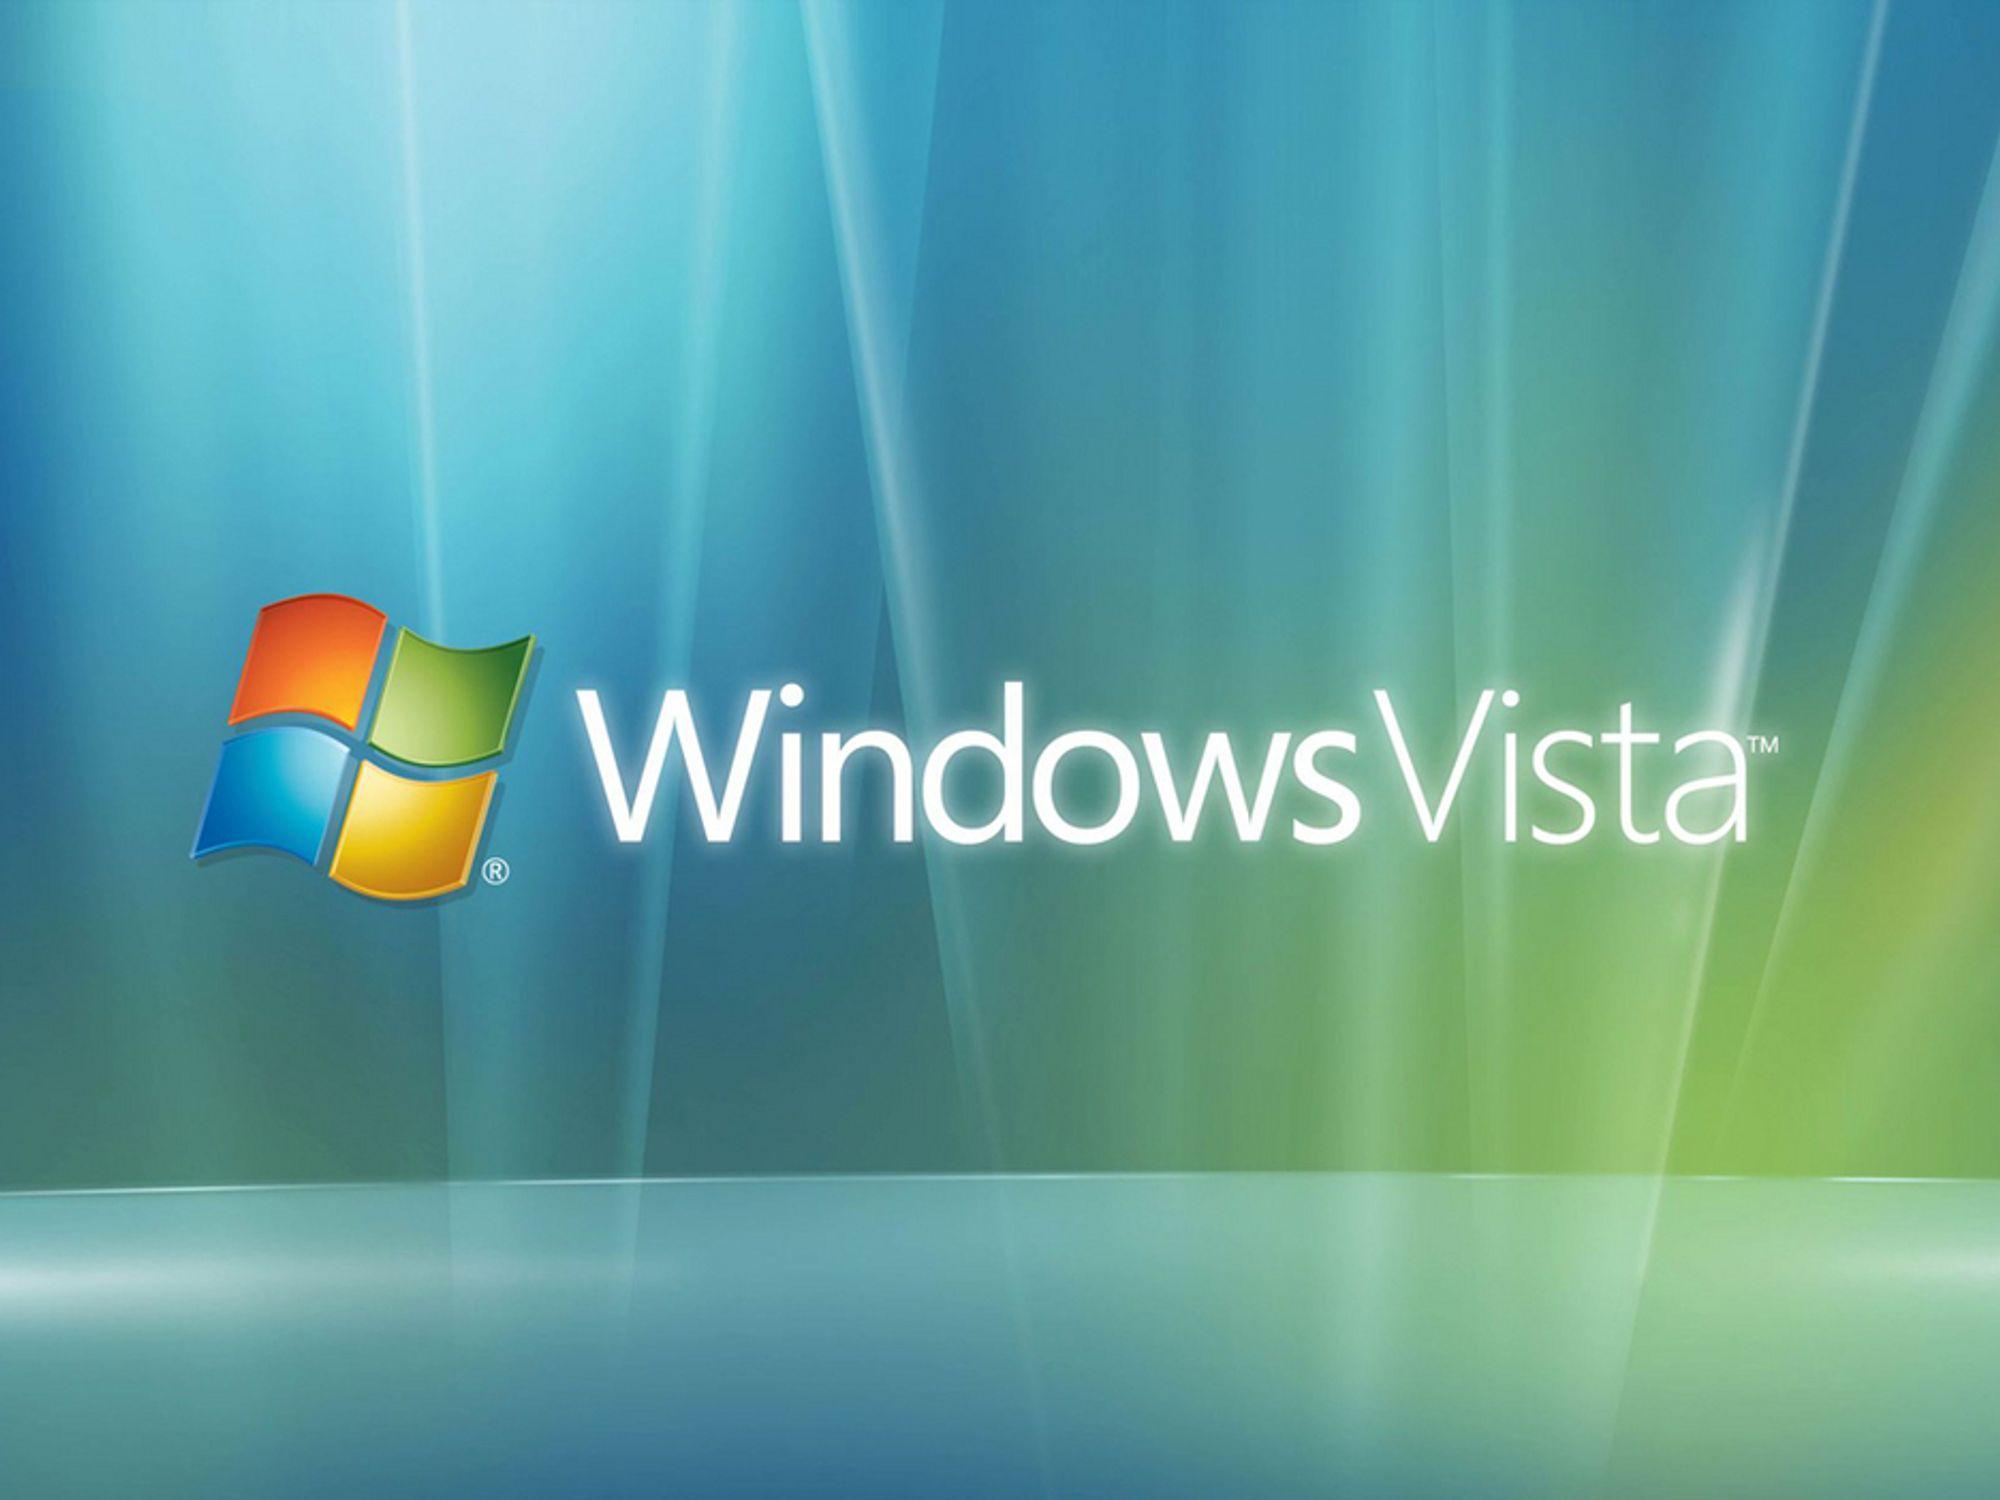 Den amerikanske hæren velger Windows Vista, omtrent samtidig som Windows 7 kommer i handelen.